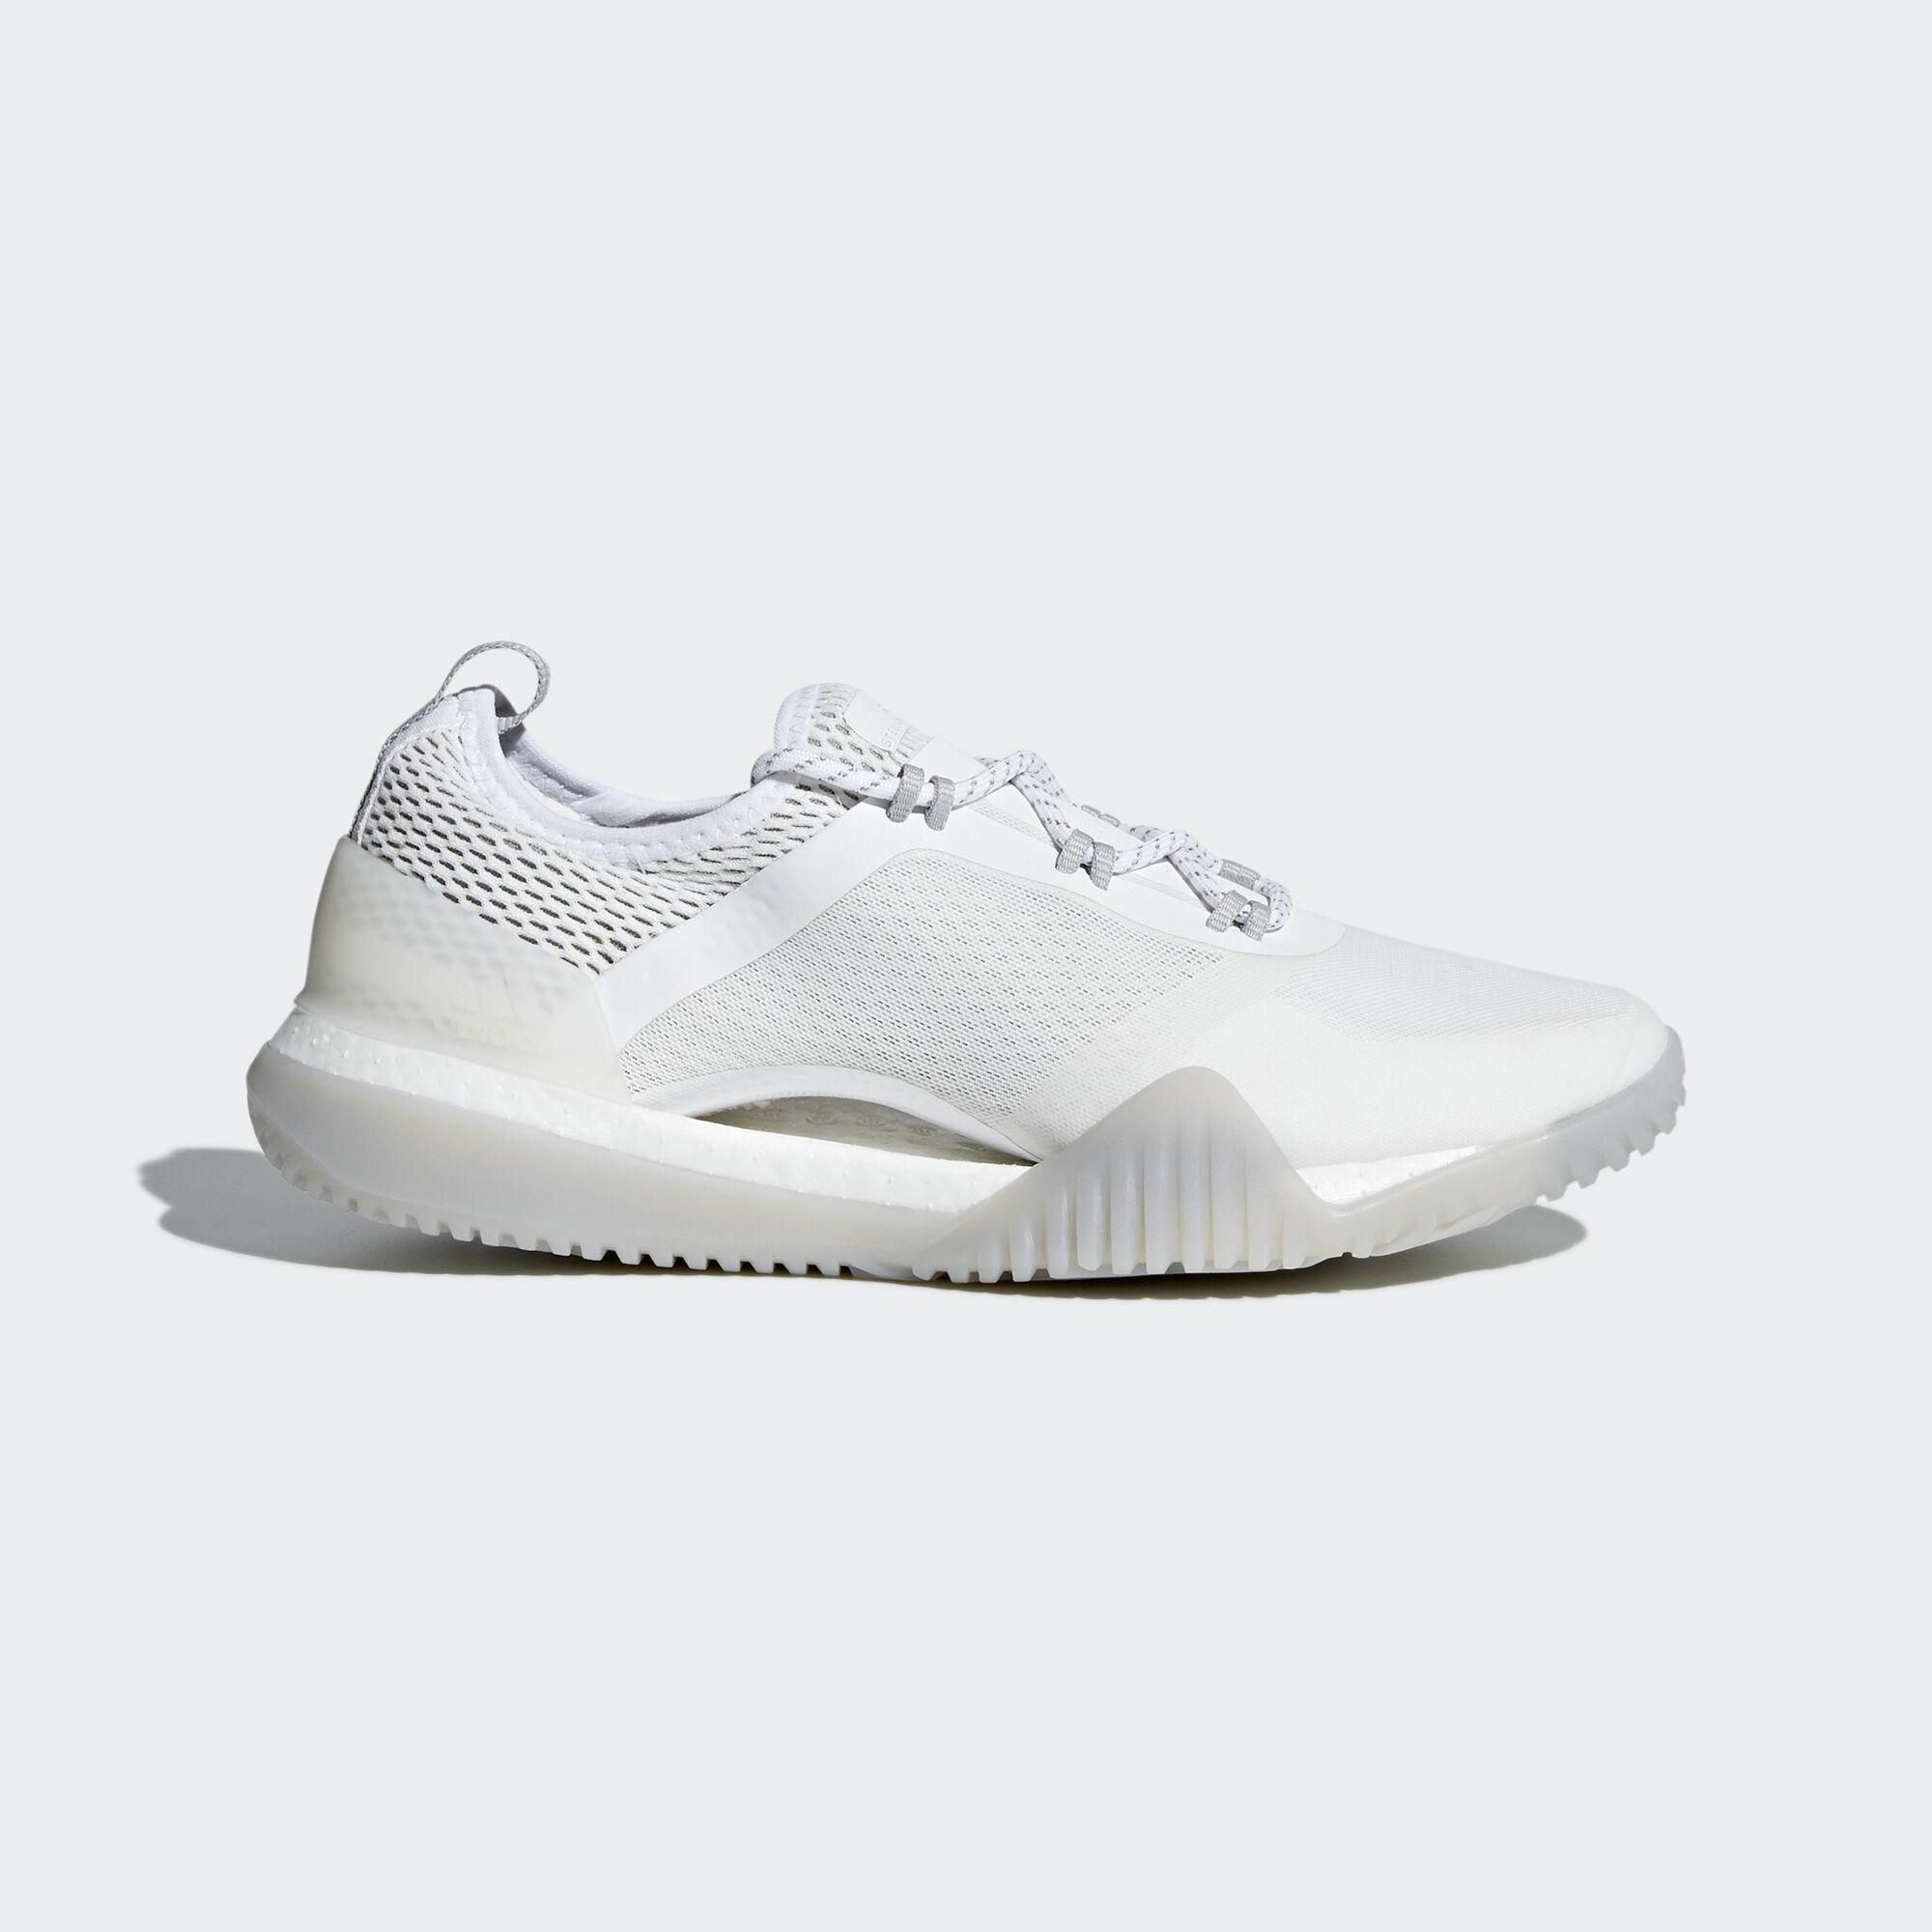 Zapatillas de deporte PureBOOST X TR 3.0 de adidas adidas rlKgx